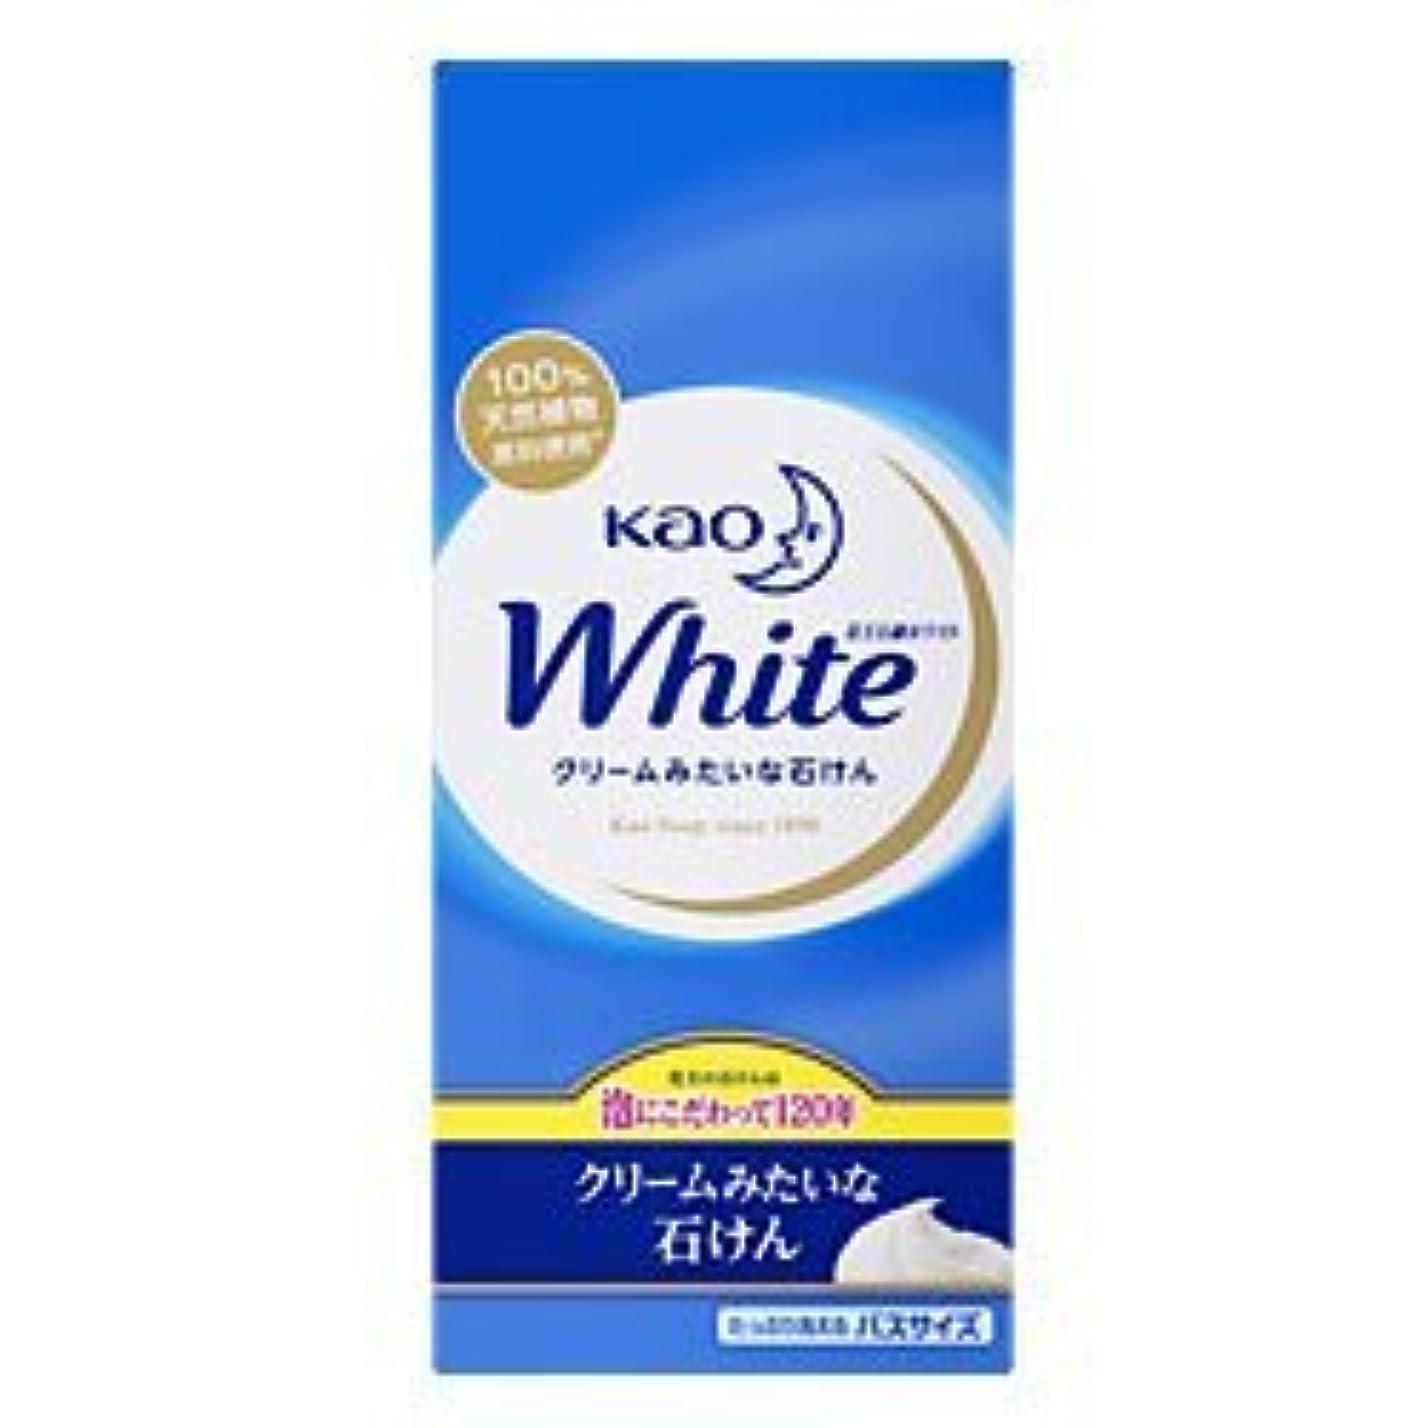 透けて見えるパテ示す【花王】花王ホワイト バスサイズ 130g×6個 ×5個セット